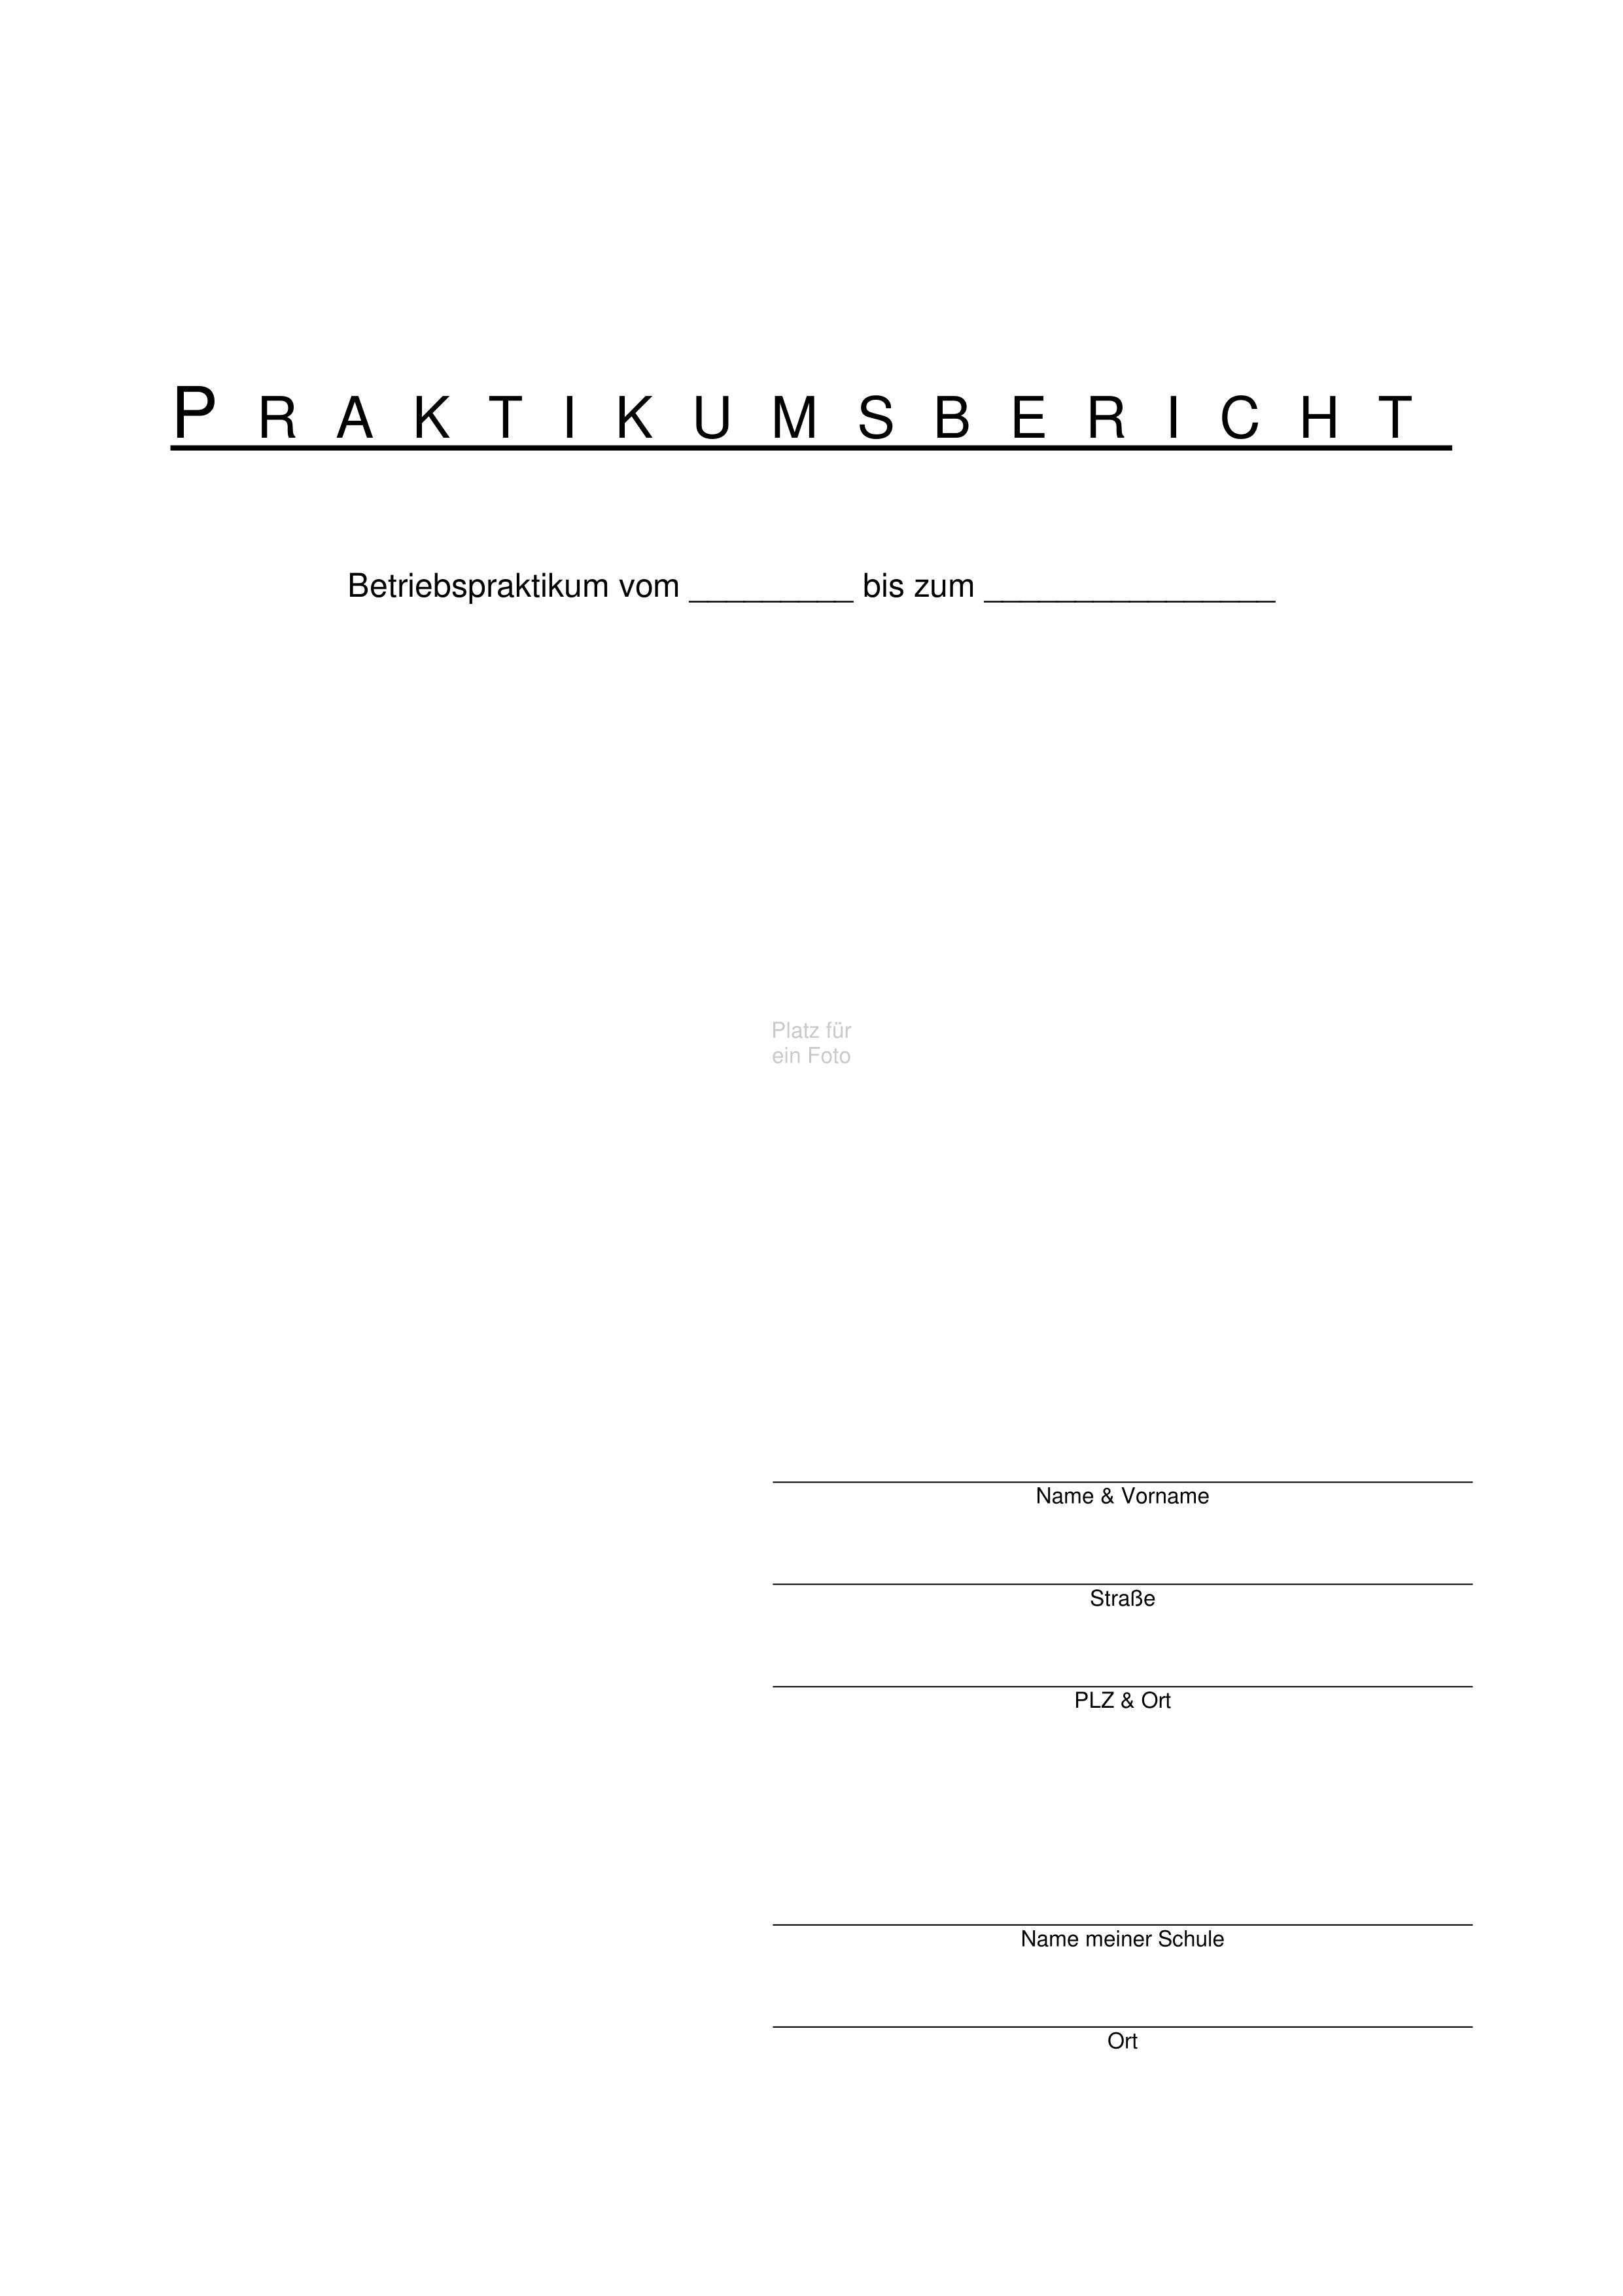 Praktikumsbericht Unterrichtsmaterial In Den Fachern Arbeitslehre Deutsch Praktikumsbericht Forderschule Unterrichtsmaterial